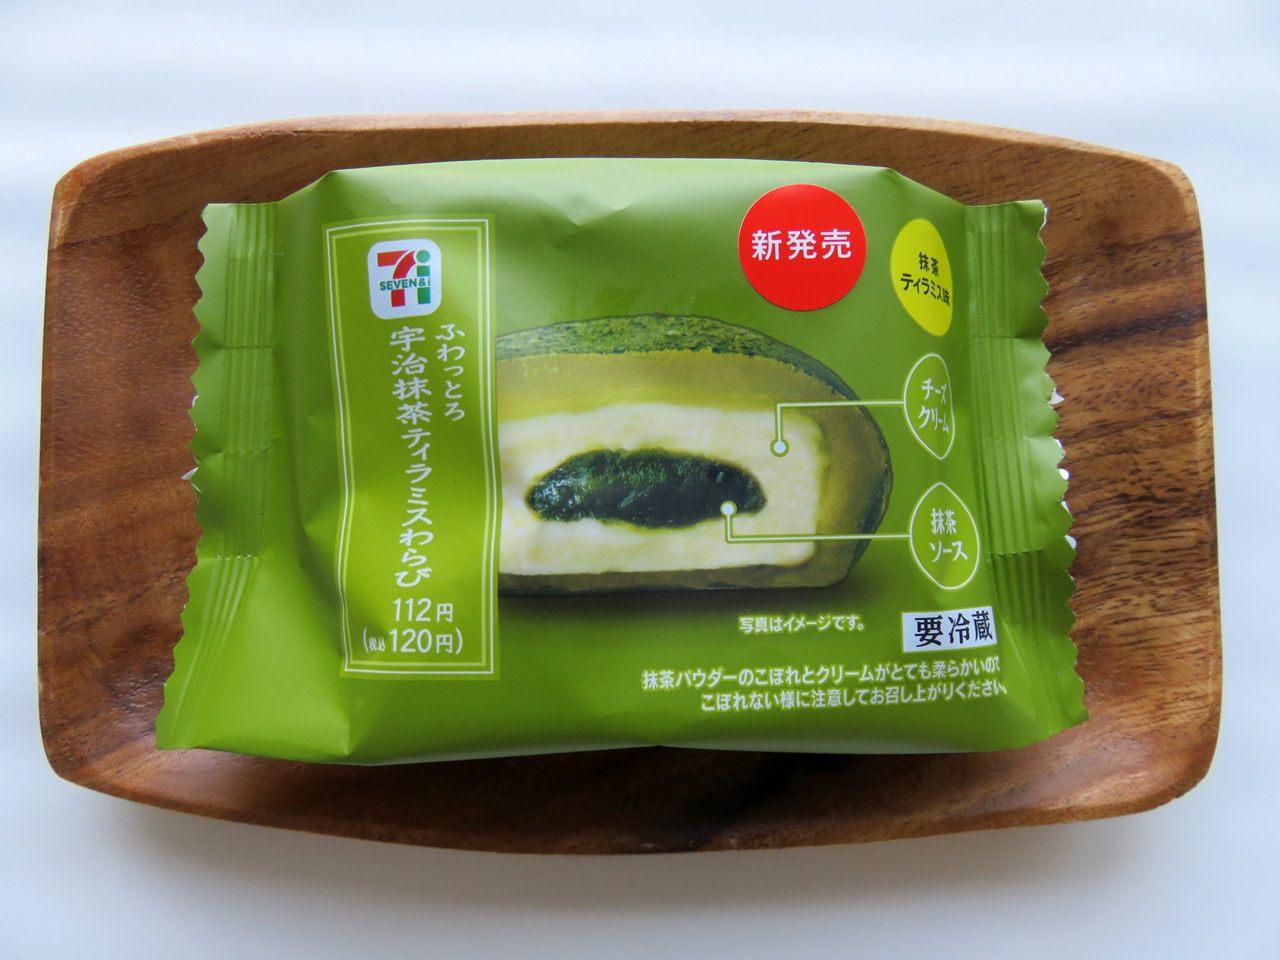 软绵即融宇治抹茶提拉米苏蕨饼